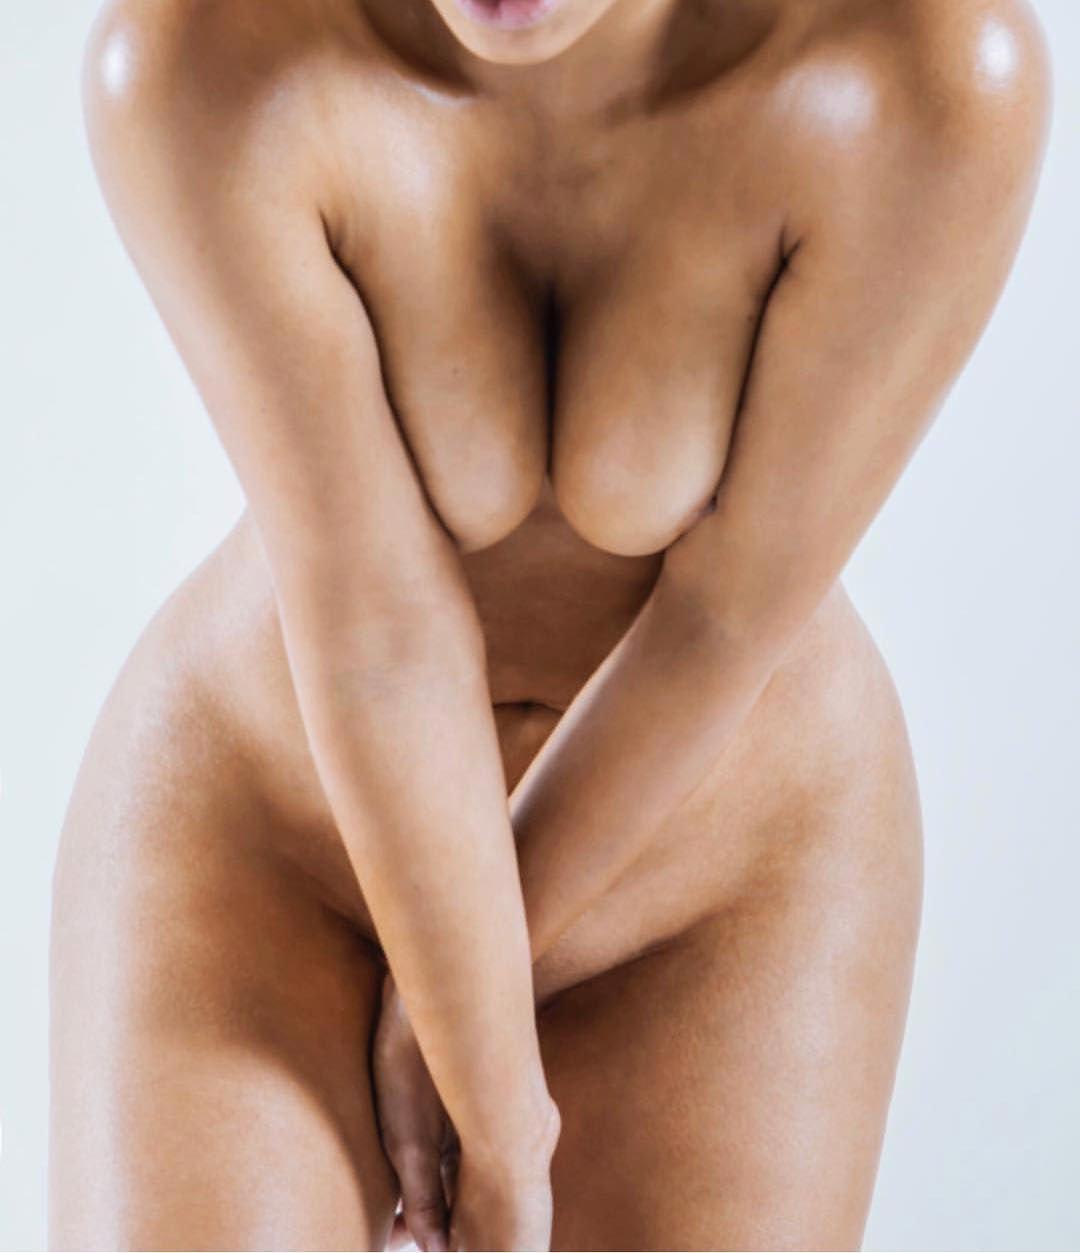 Swimwear Nude Pic Kim Kardashian Gif